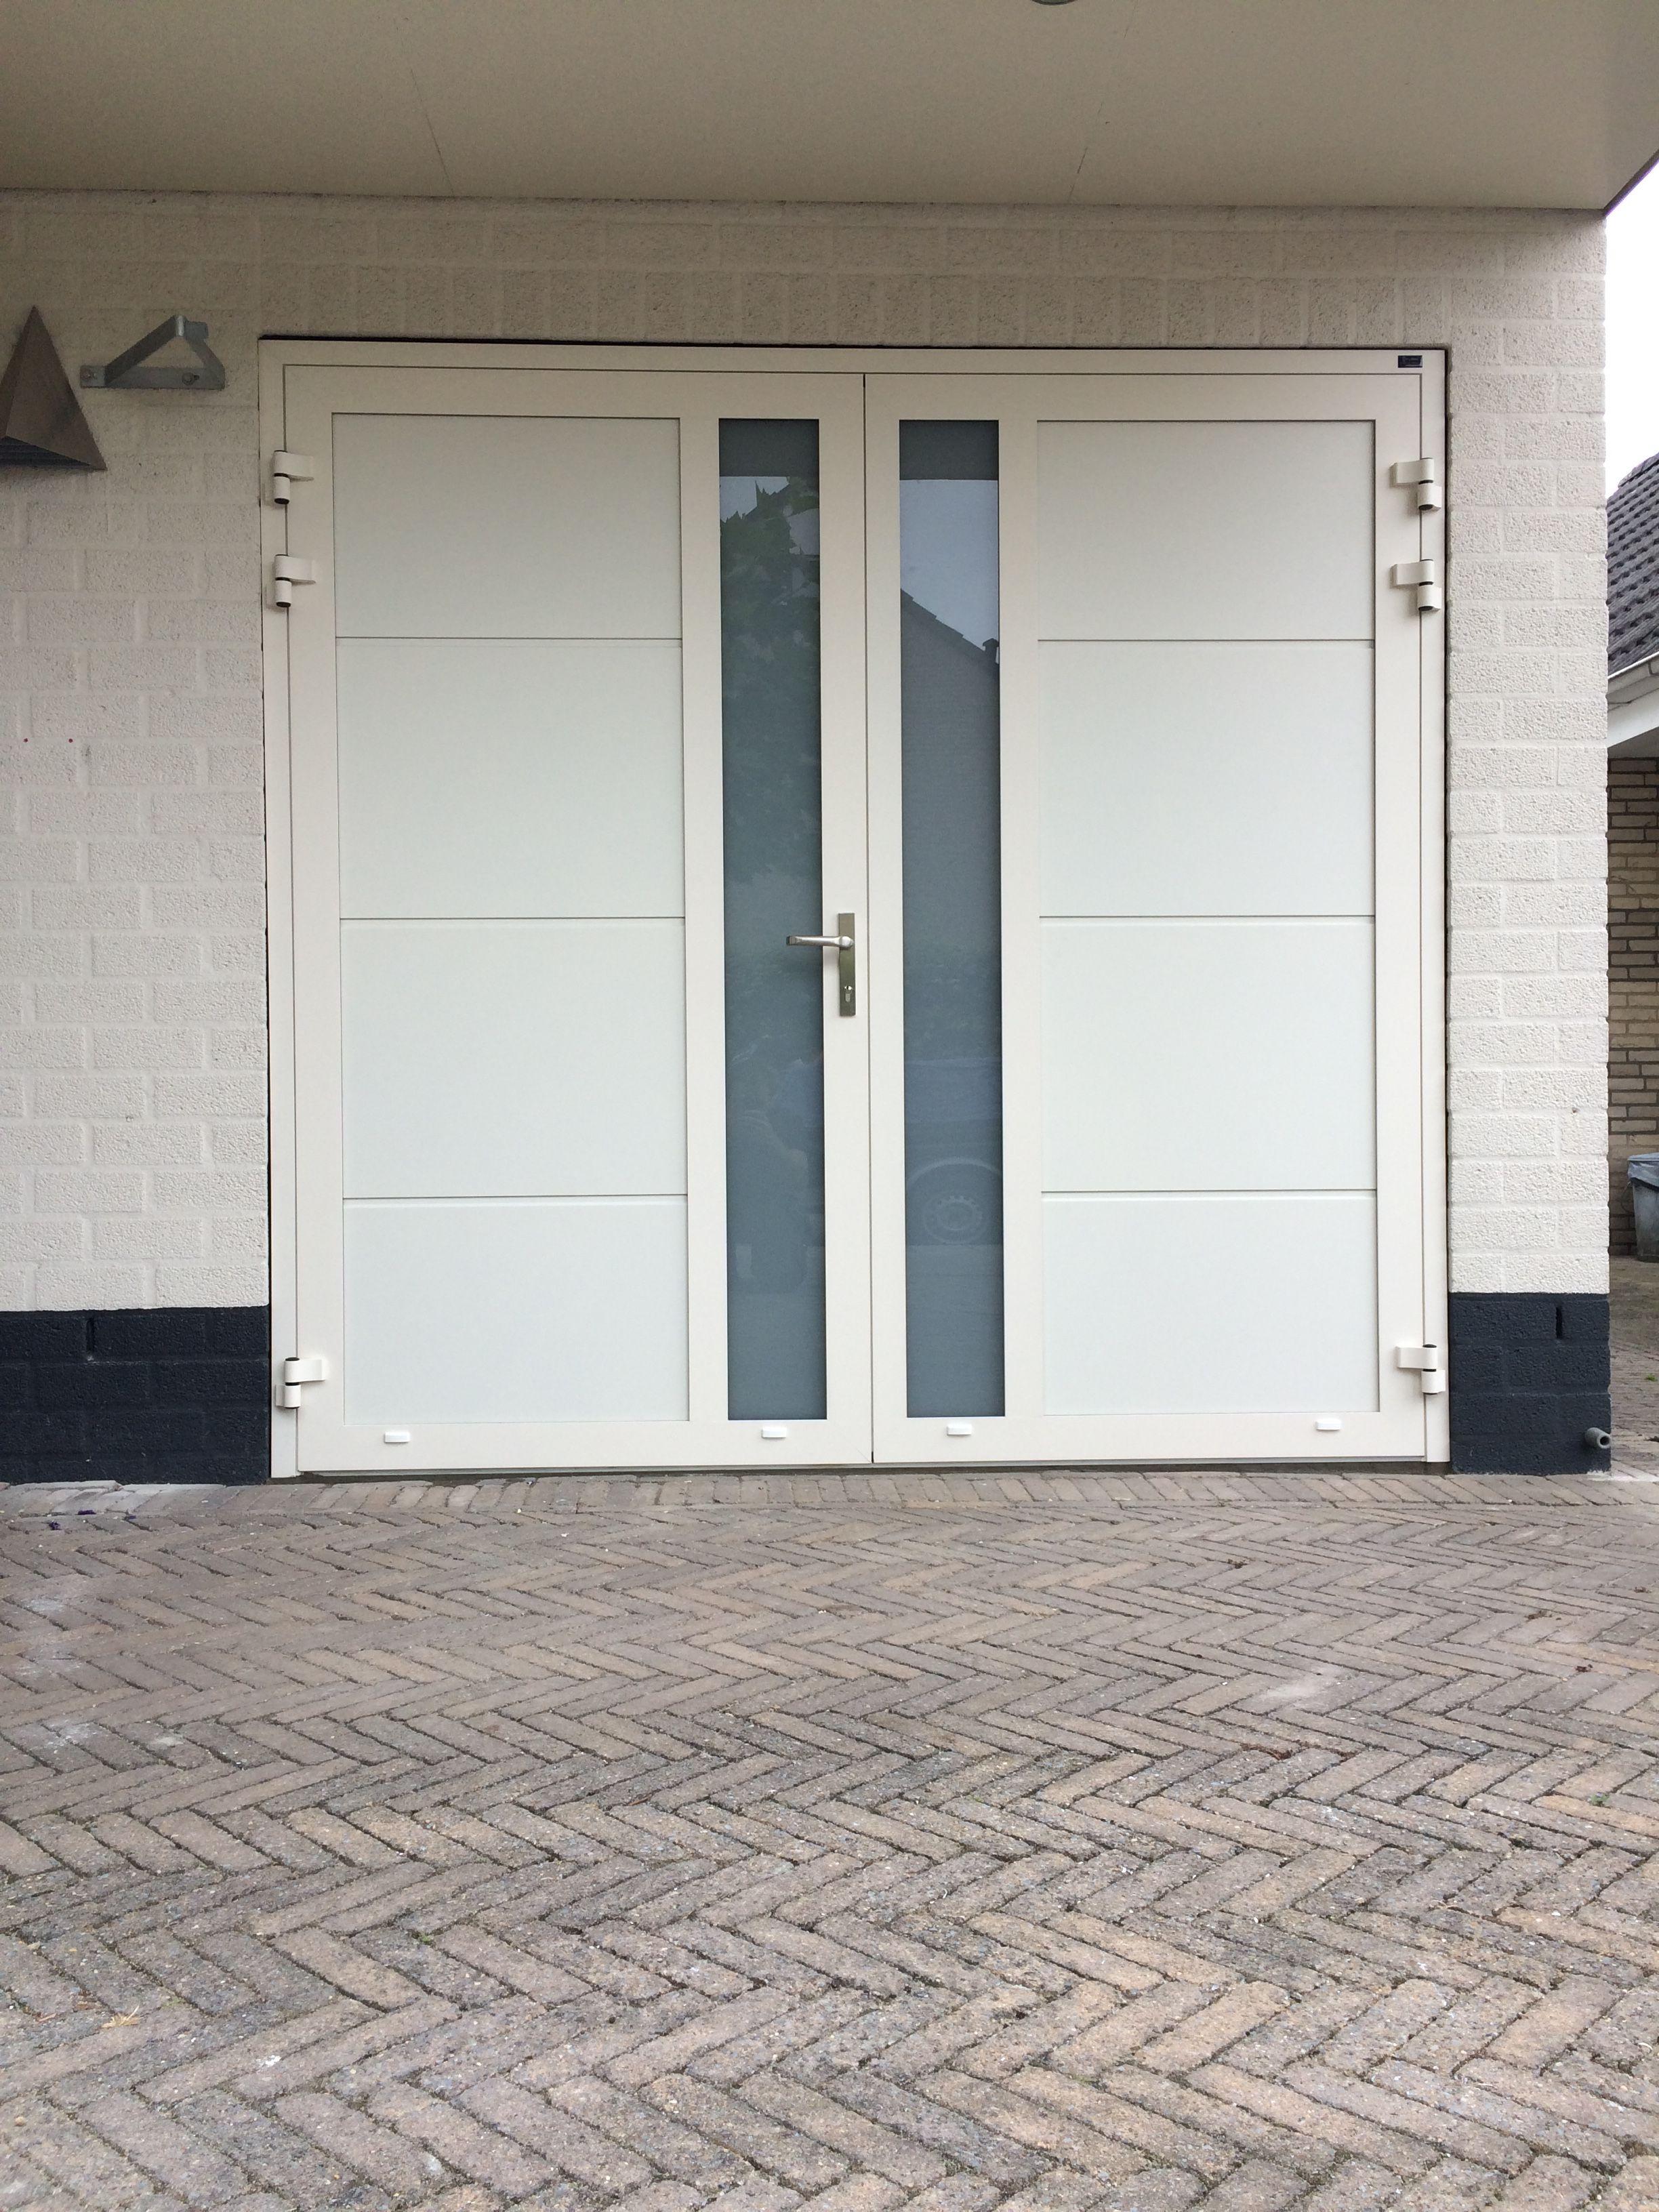 Super Afbeeldingsresultaat voor openslaande garagedeuren | Bijkeuken @KV81